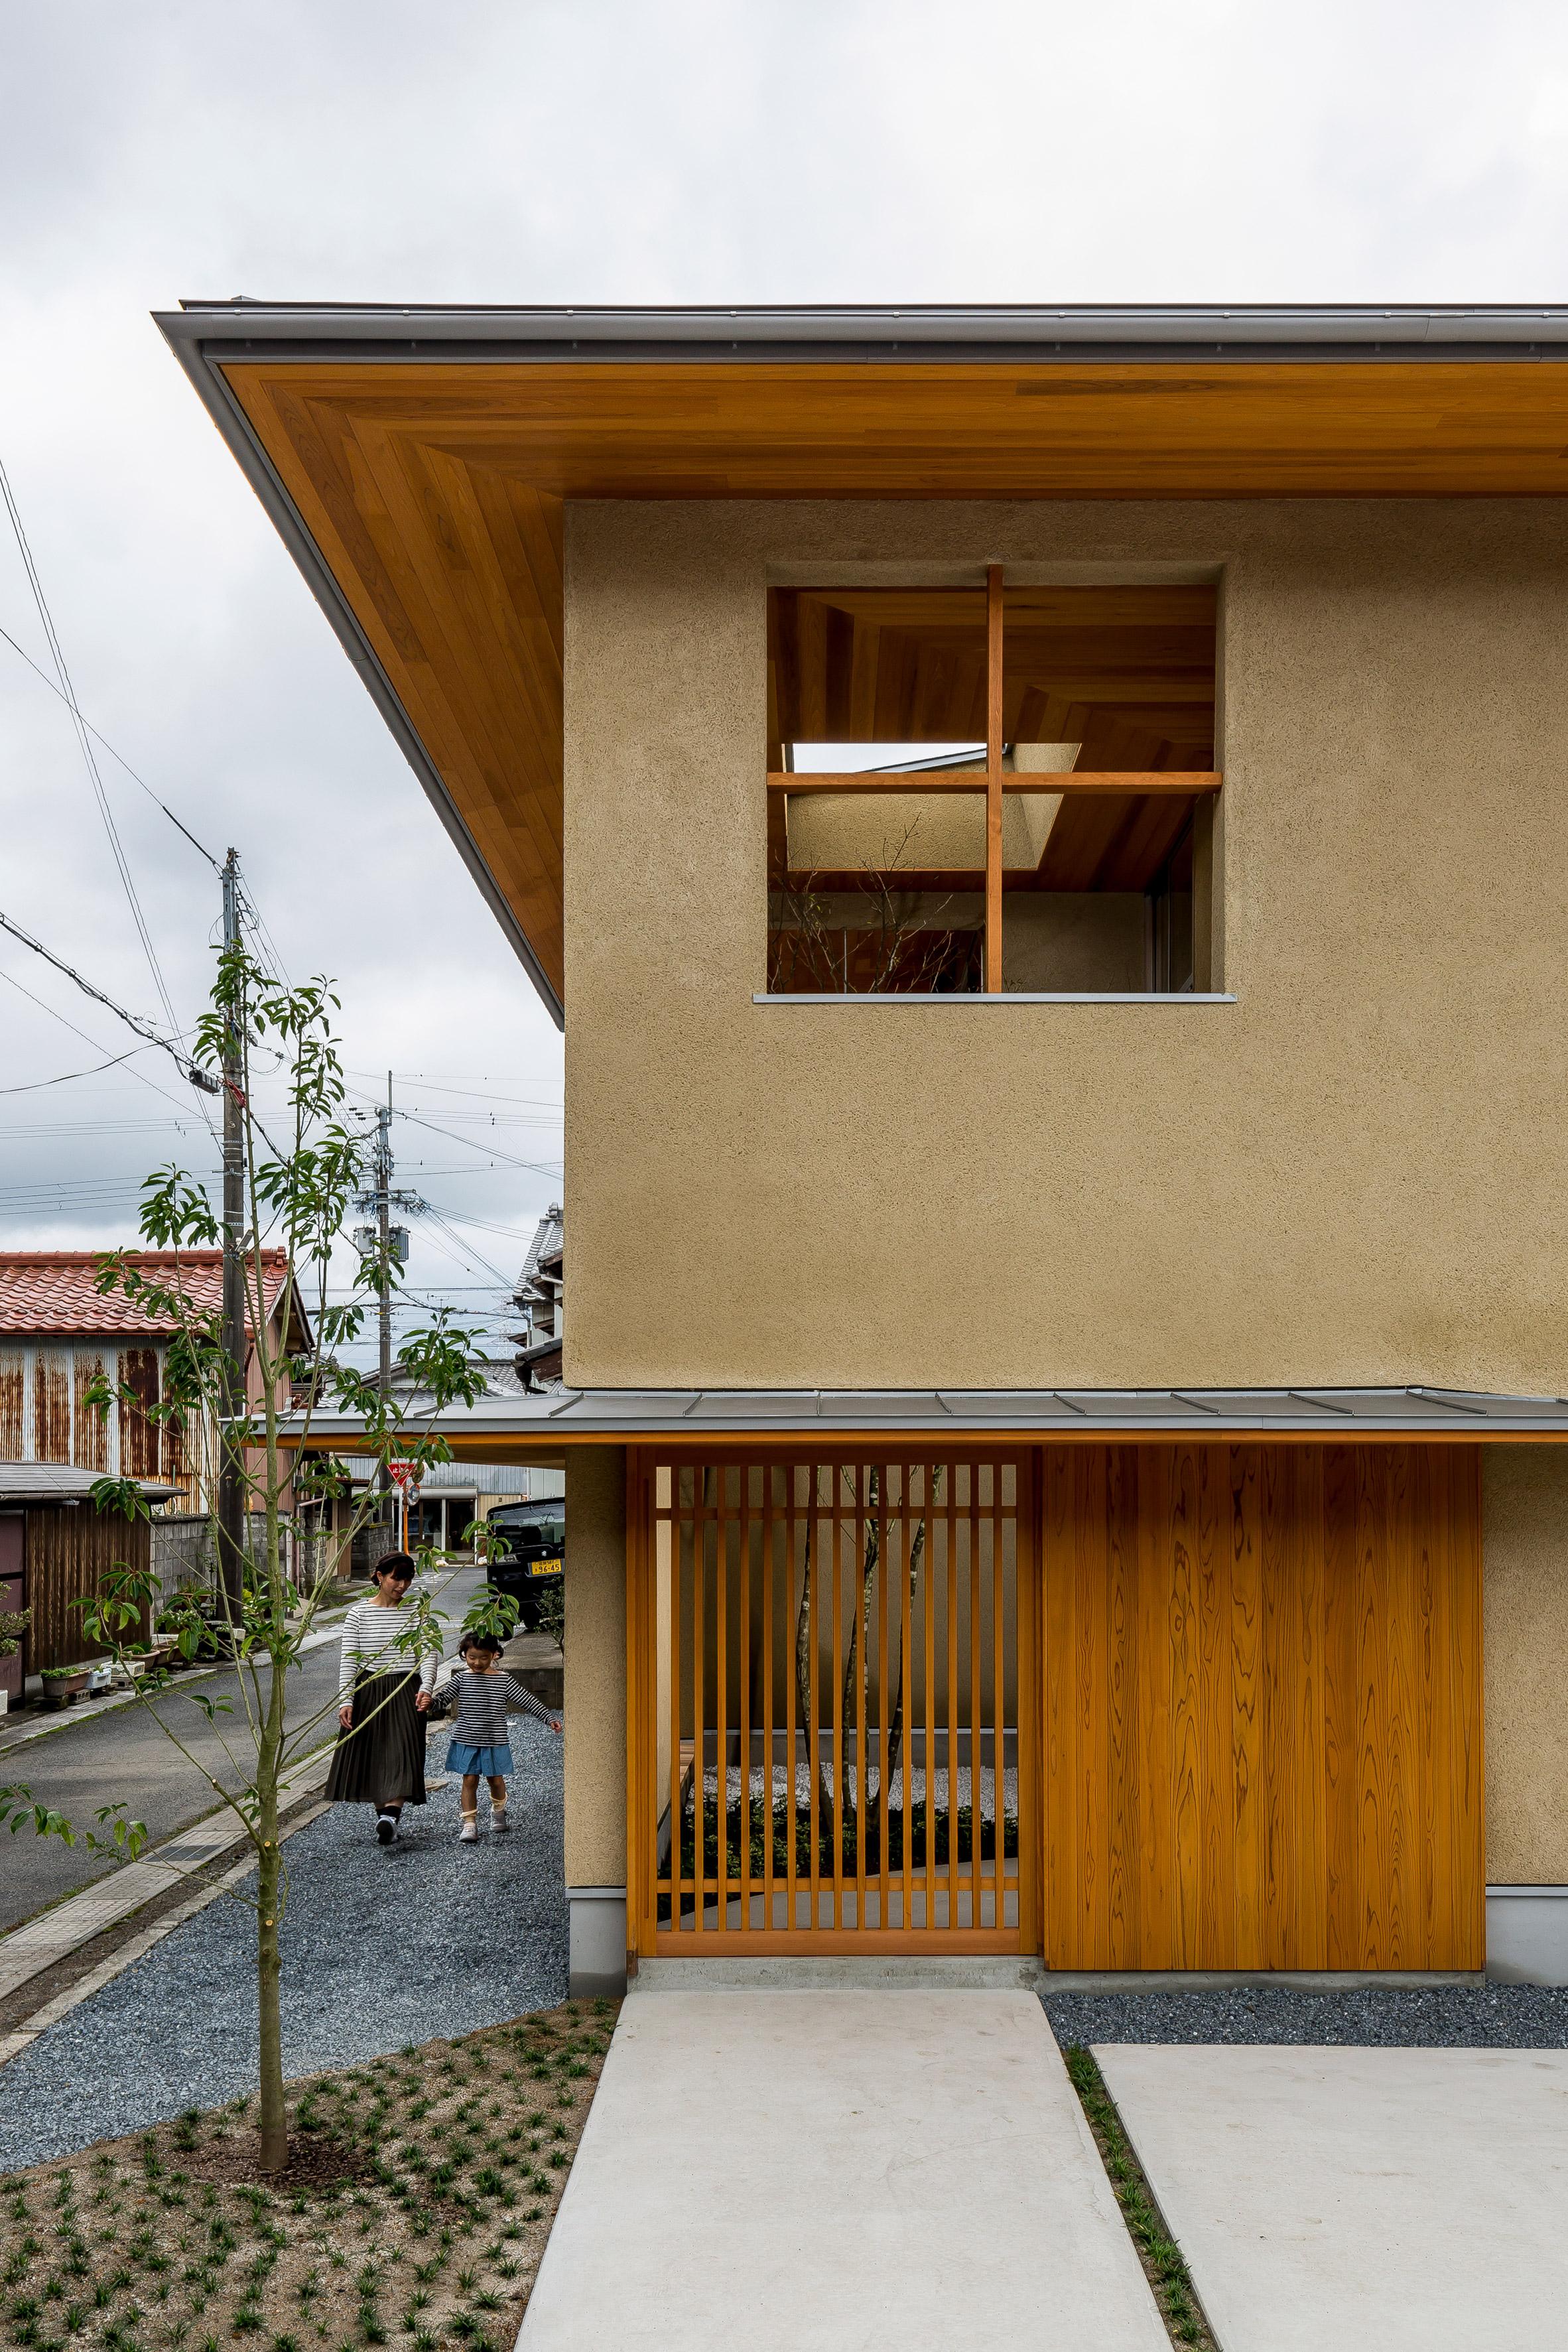 Ngôi nhà có khoảng sân vườn thiết kế nghệ thuật giúp từng góc nhỏ bên trong đều đẹp như tranh vẽ - Ảnh 8.